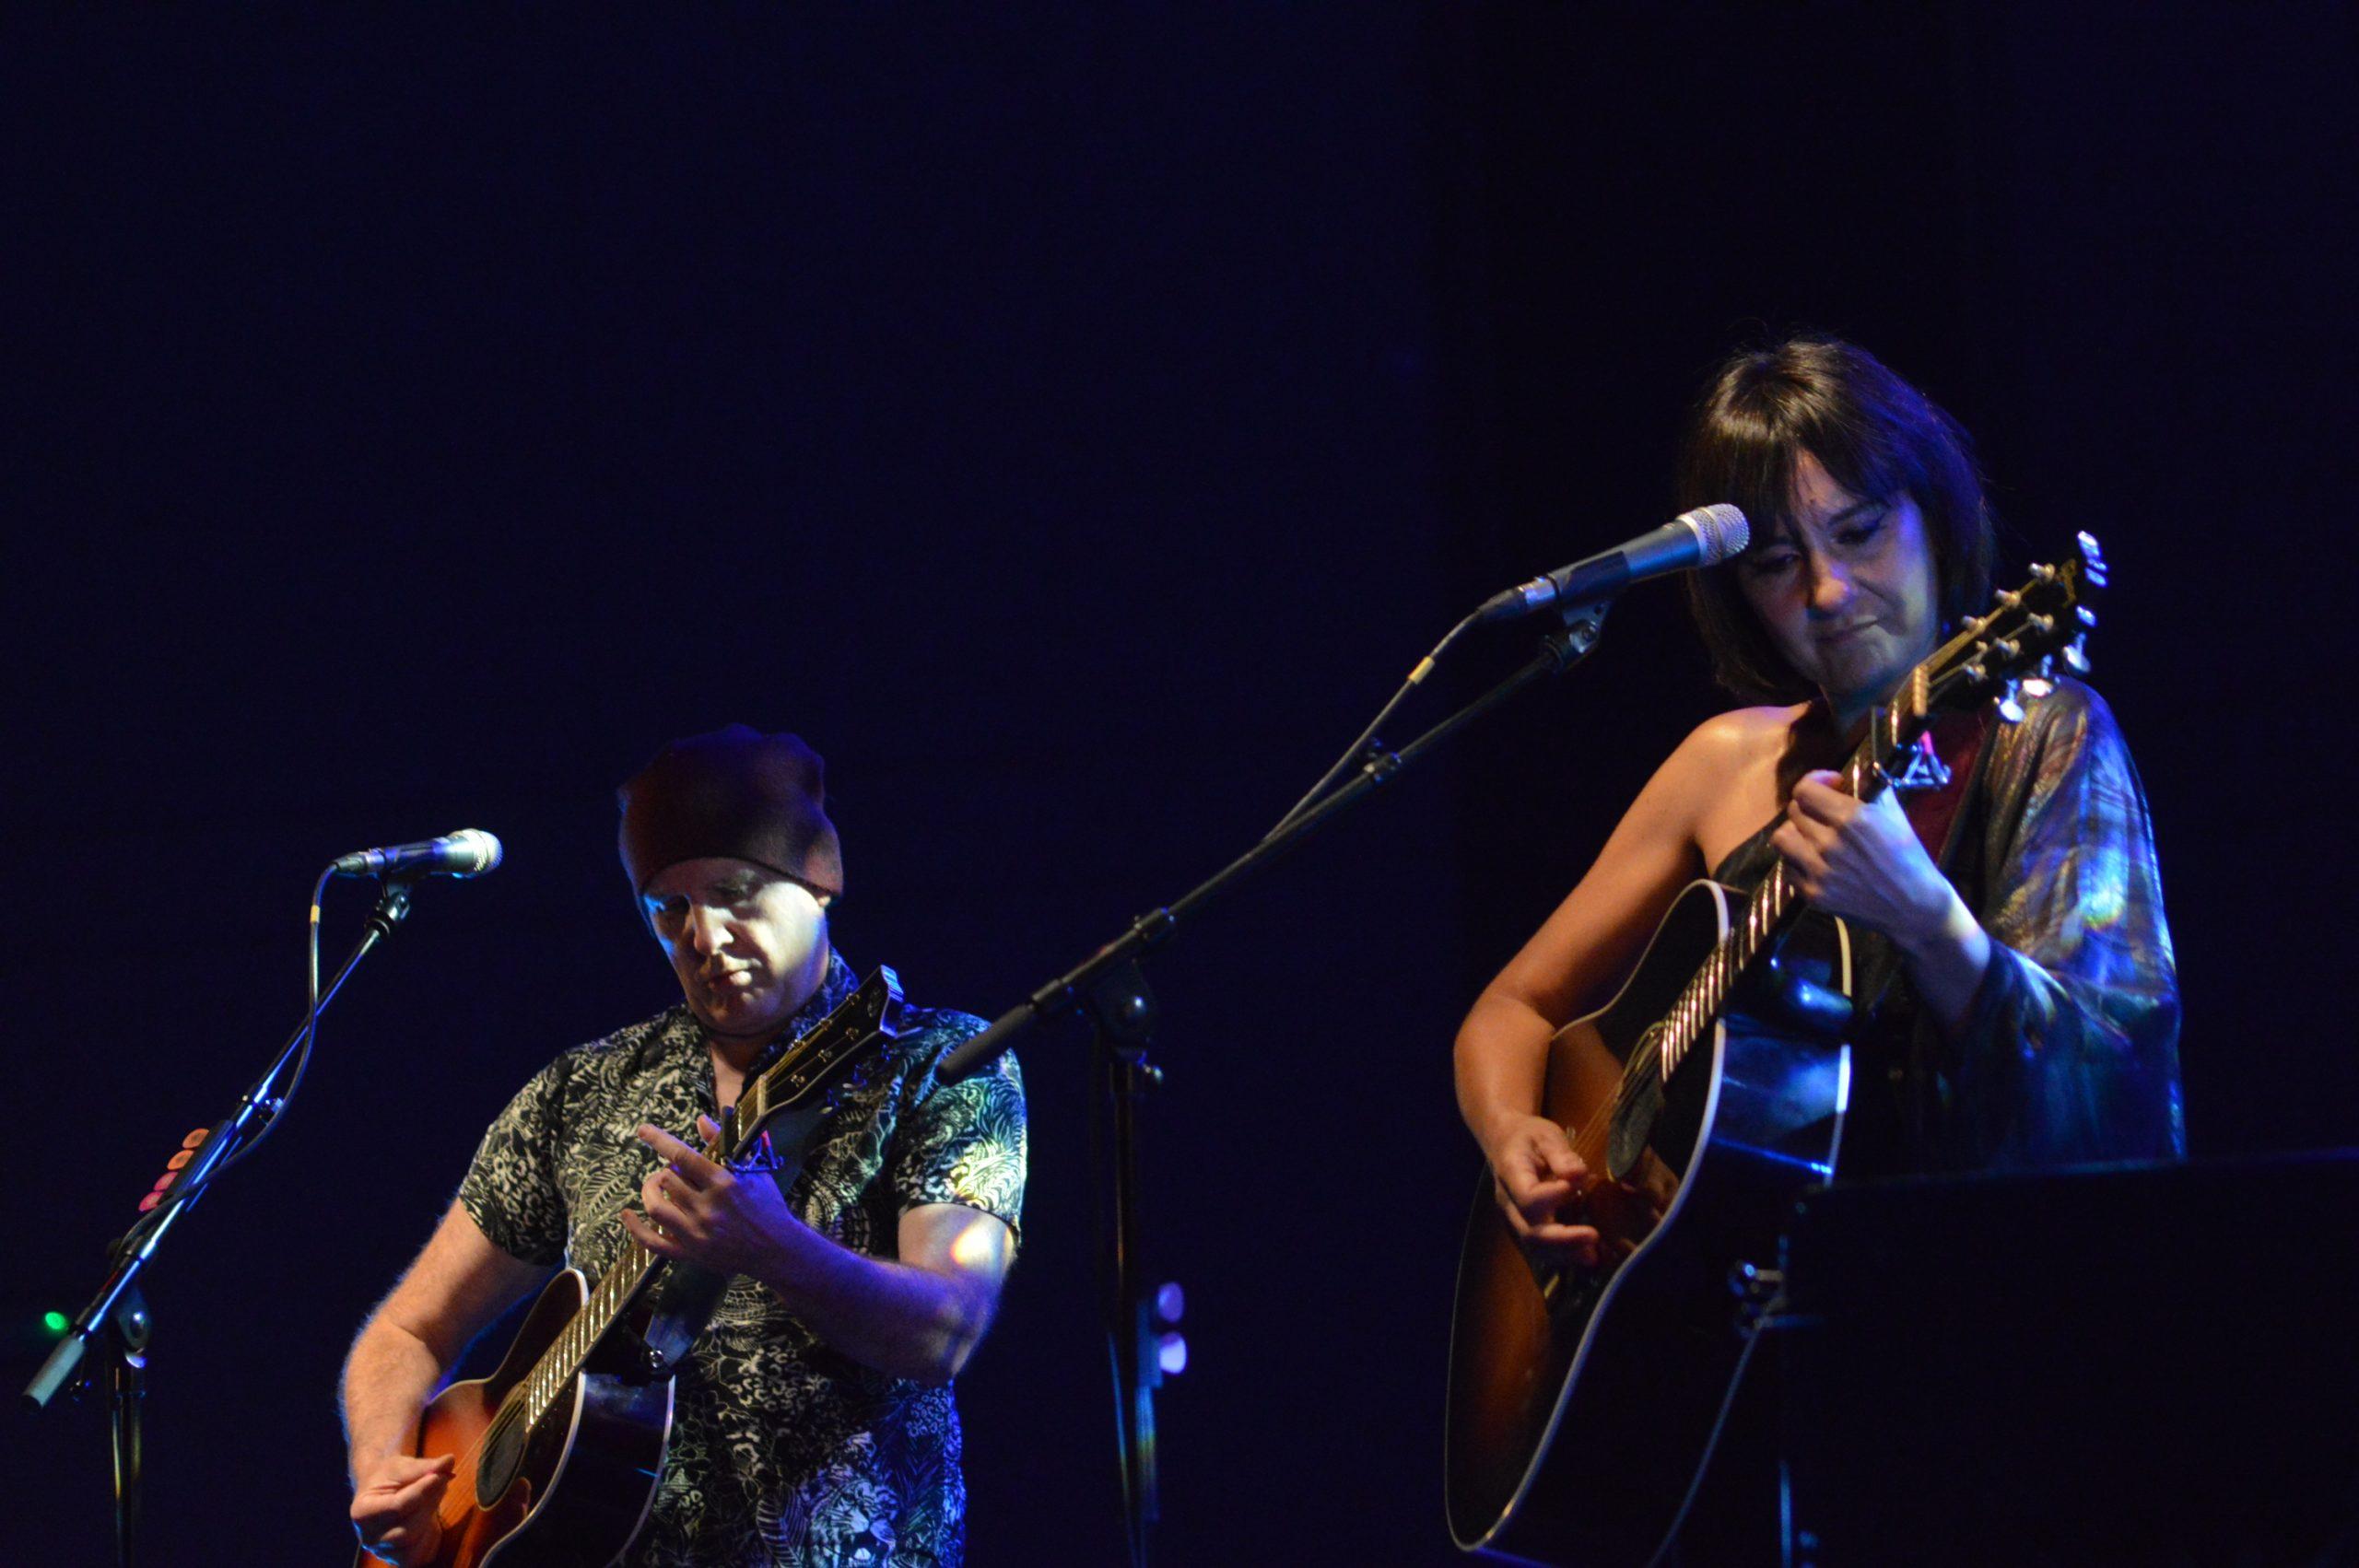 Concierto de Amaral en el verano #ponferradateabraza, la cercanía del dúo zaragozano alejó la distancia social 12